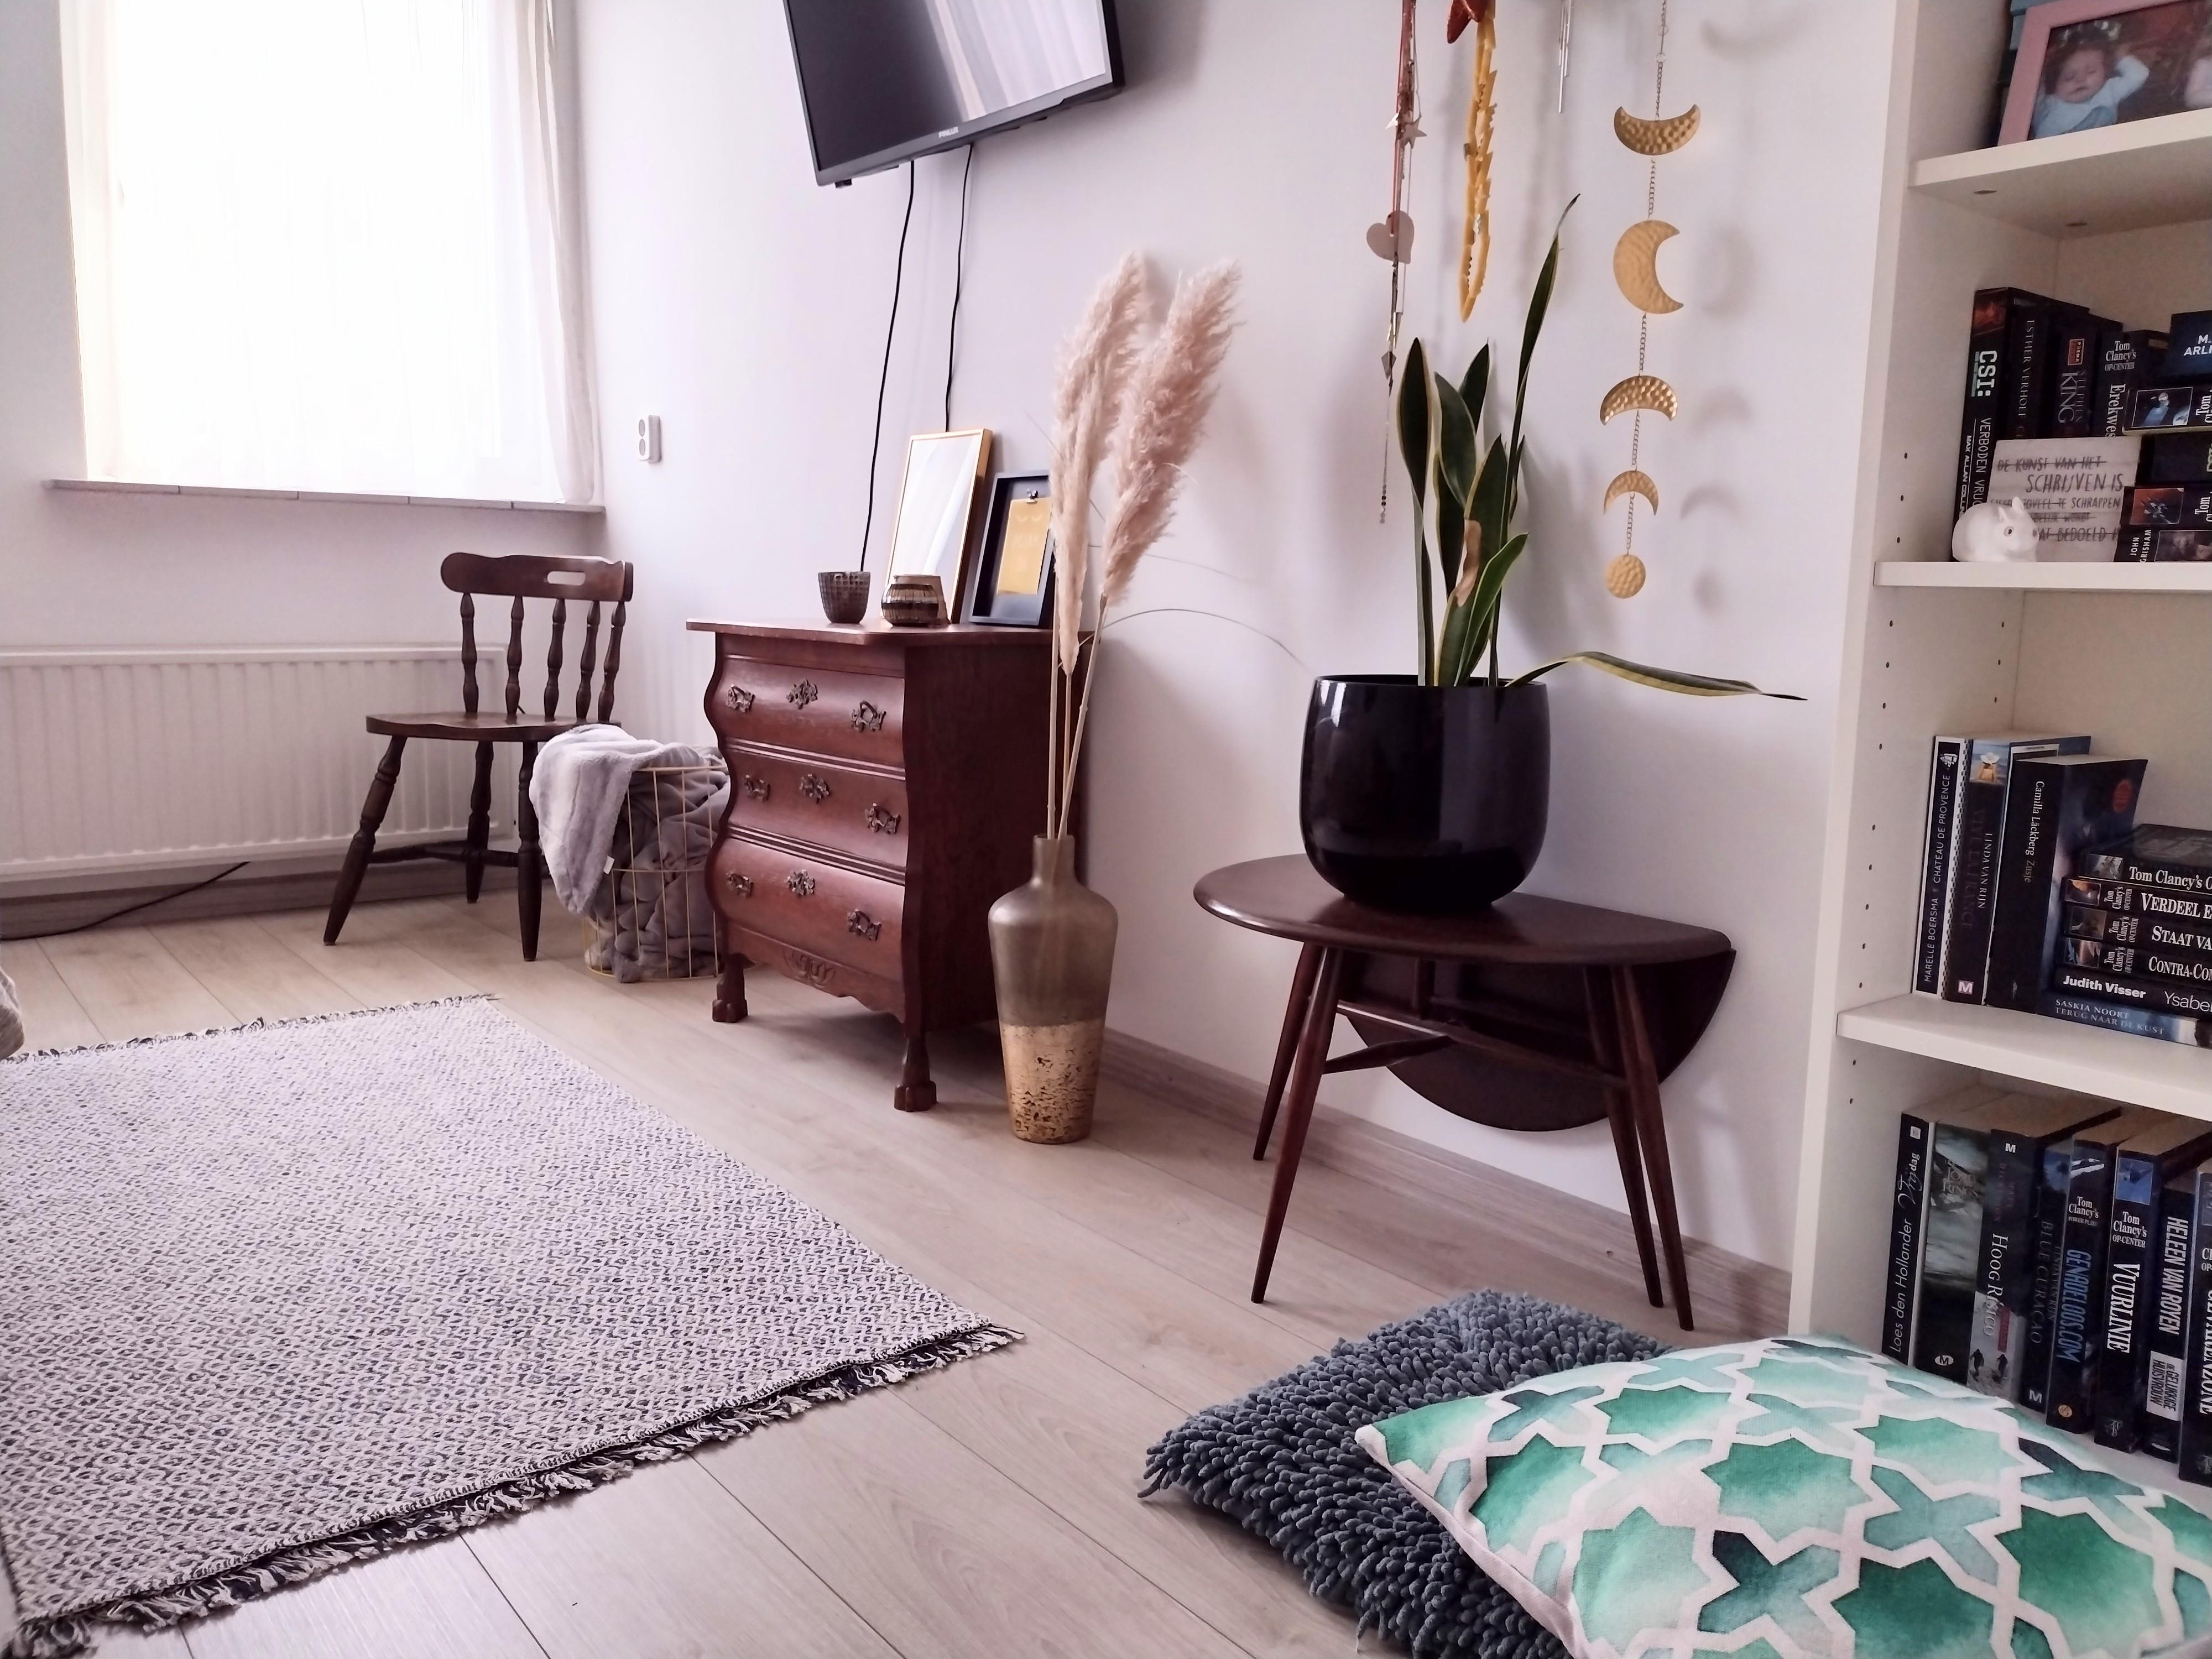 slaapkamer make-over, master bedroom make over, mini make over slaapkamer, slaapkamer, interieur, binnenkijken, snelle make-over, blog interieur, lalogblog, blog